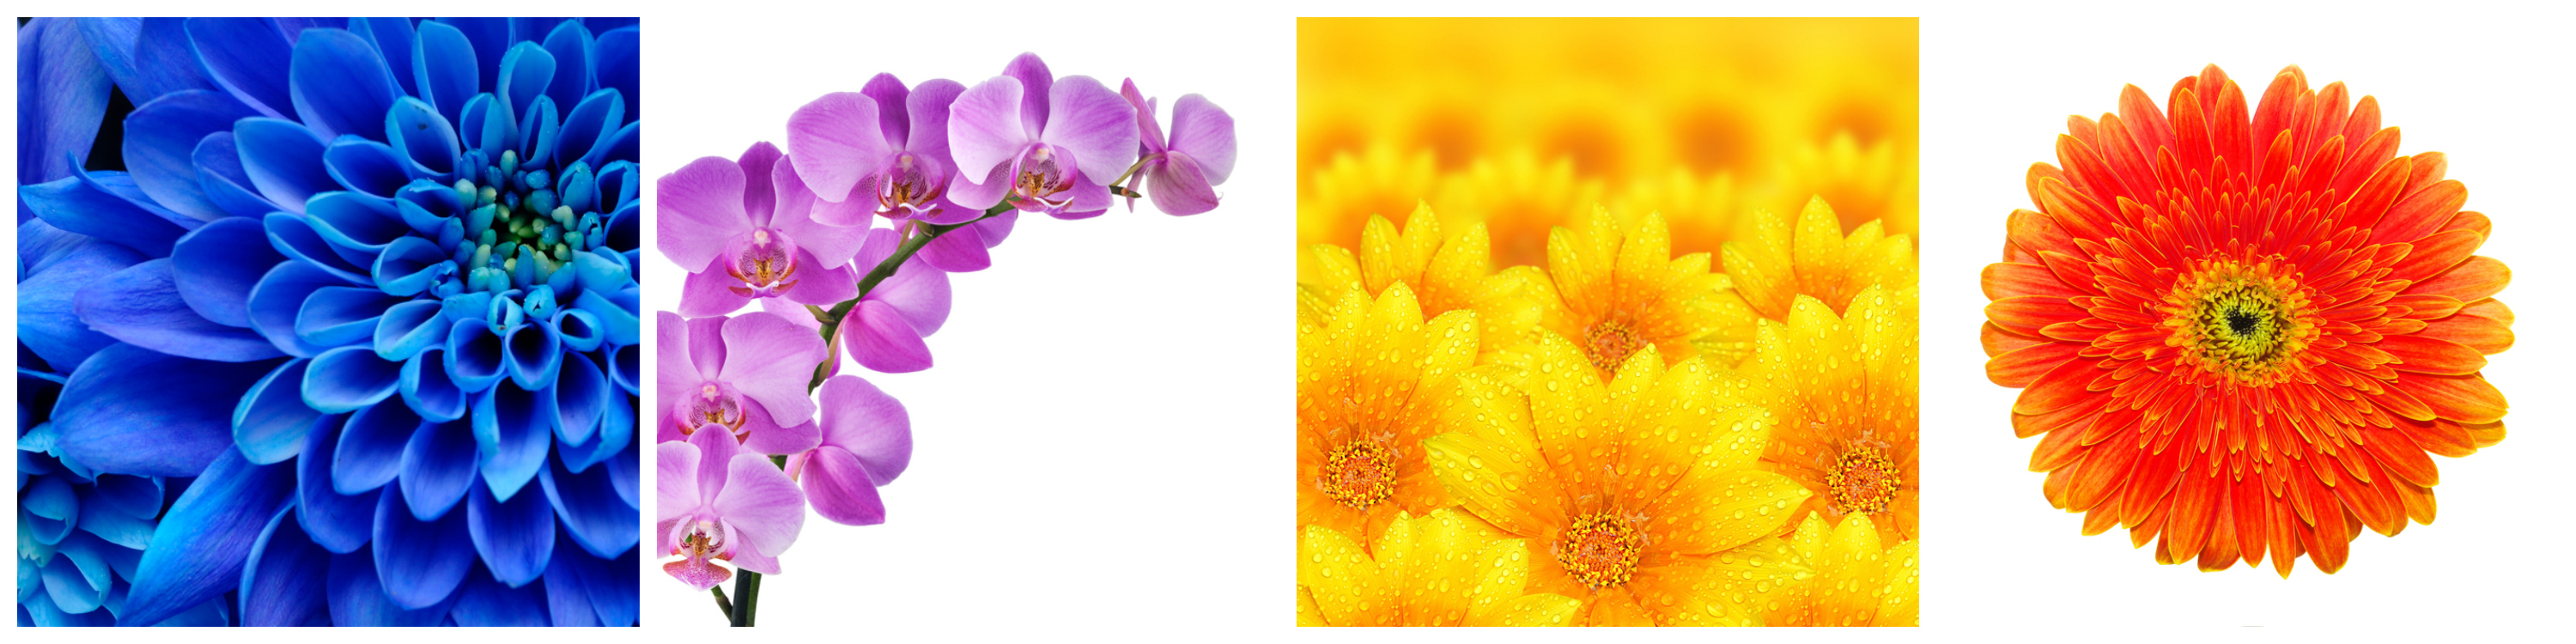 fotografías colores.jpg